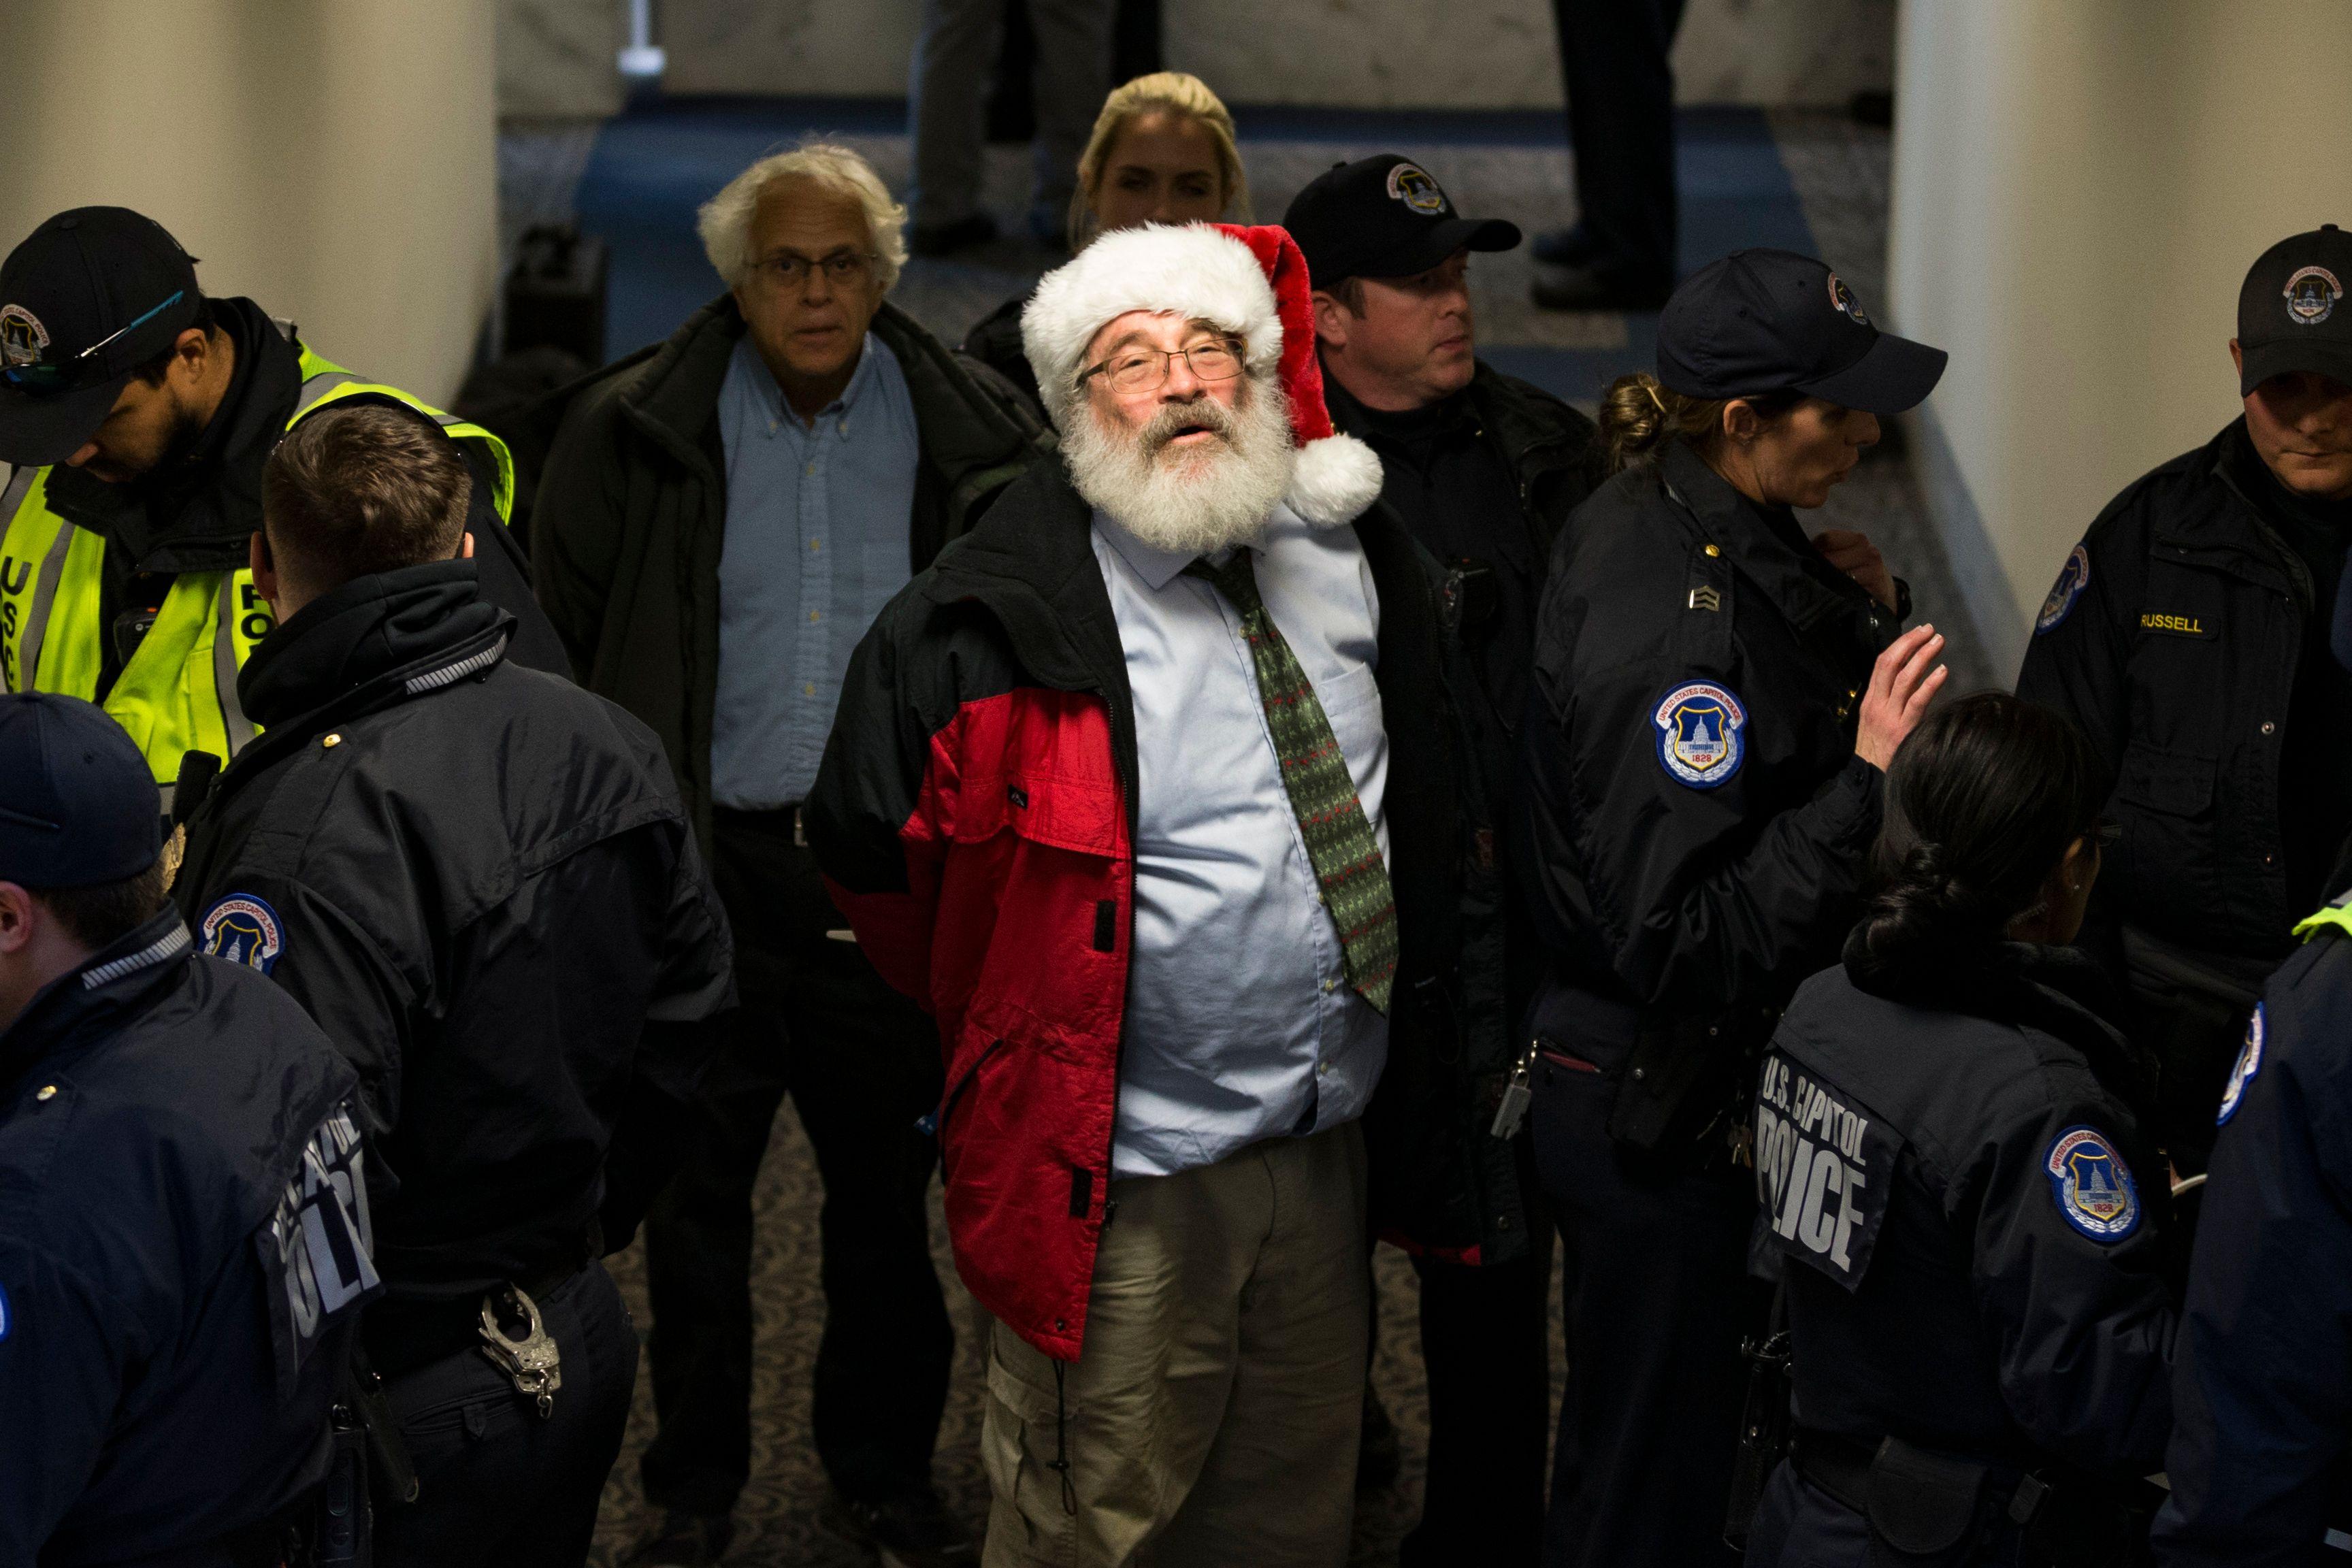 اعتقالات داخل الكونجرس